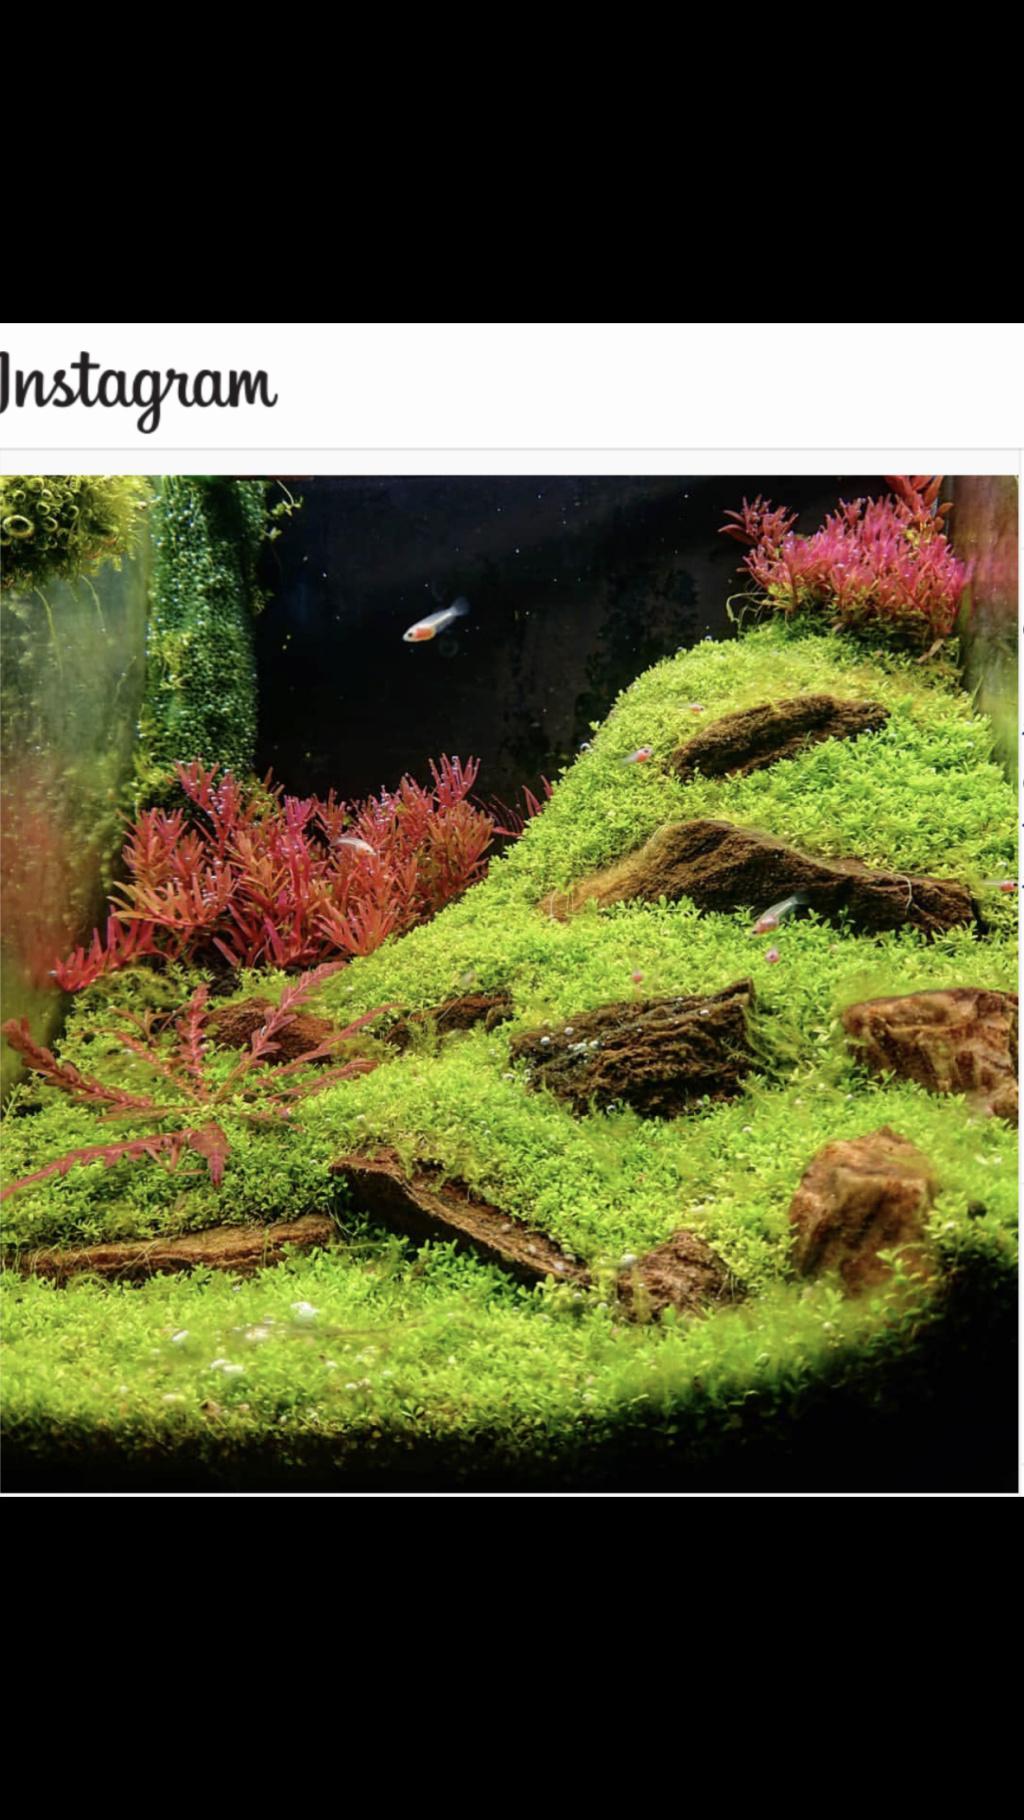 Nabazoo débutant en crevettes ;-) - Page 3 09477010